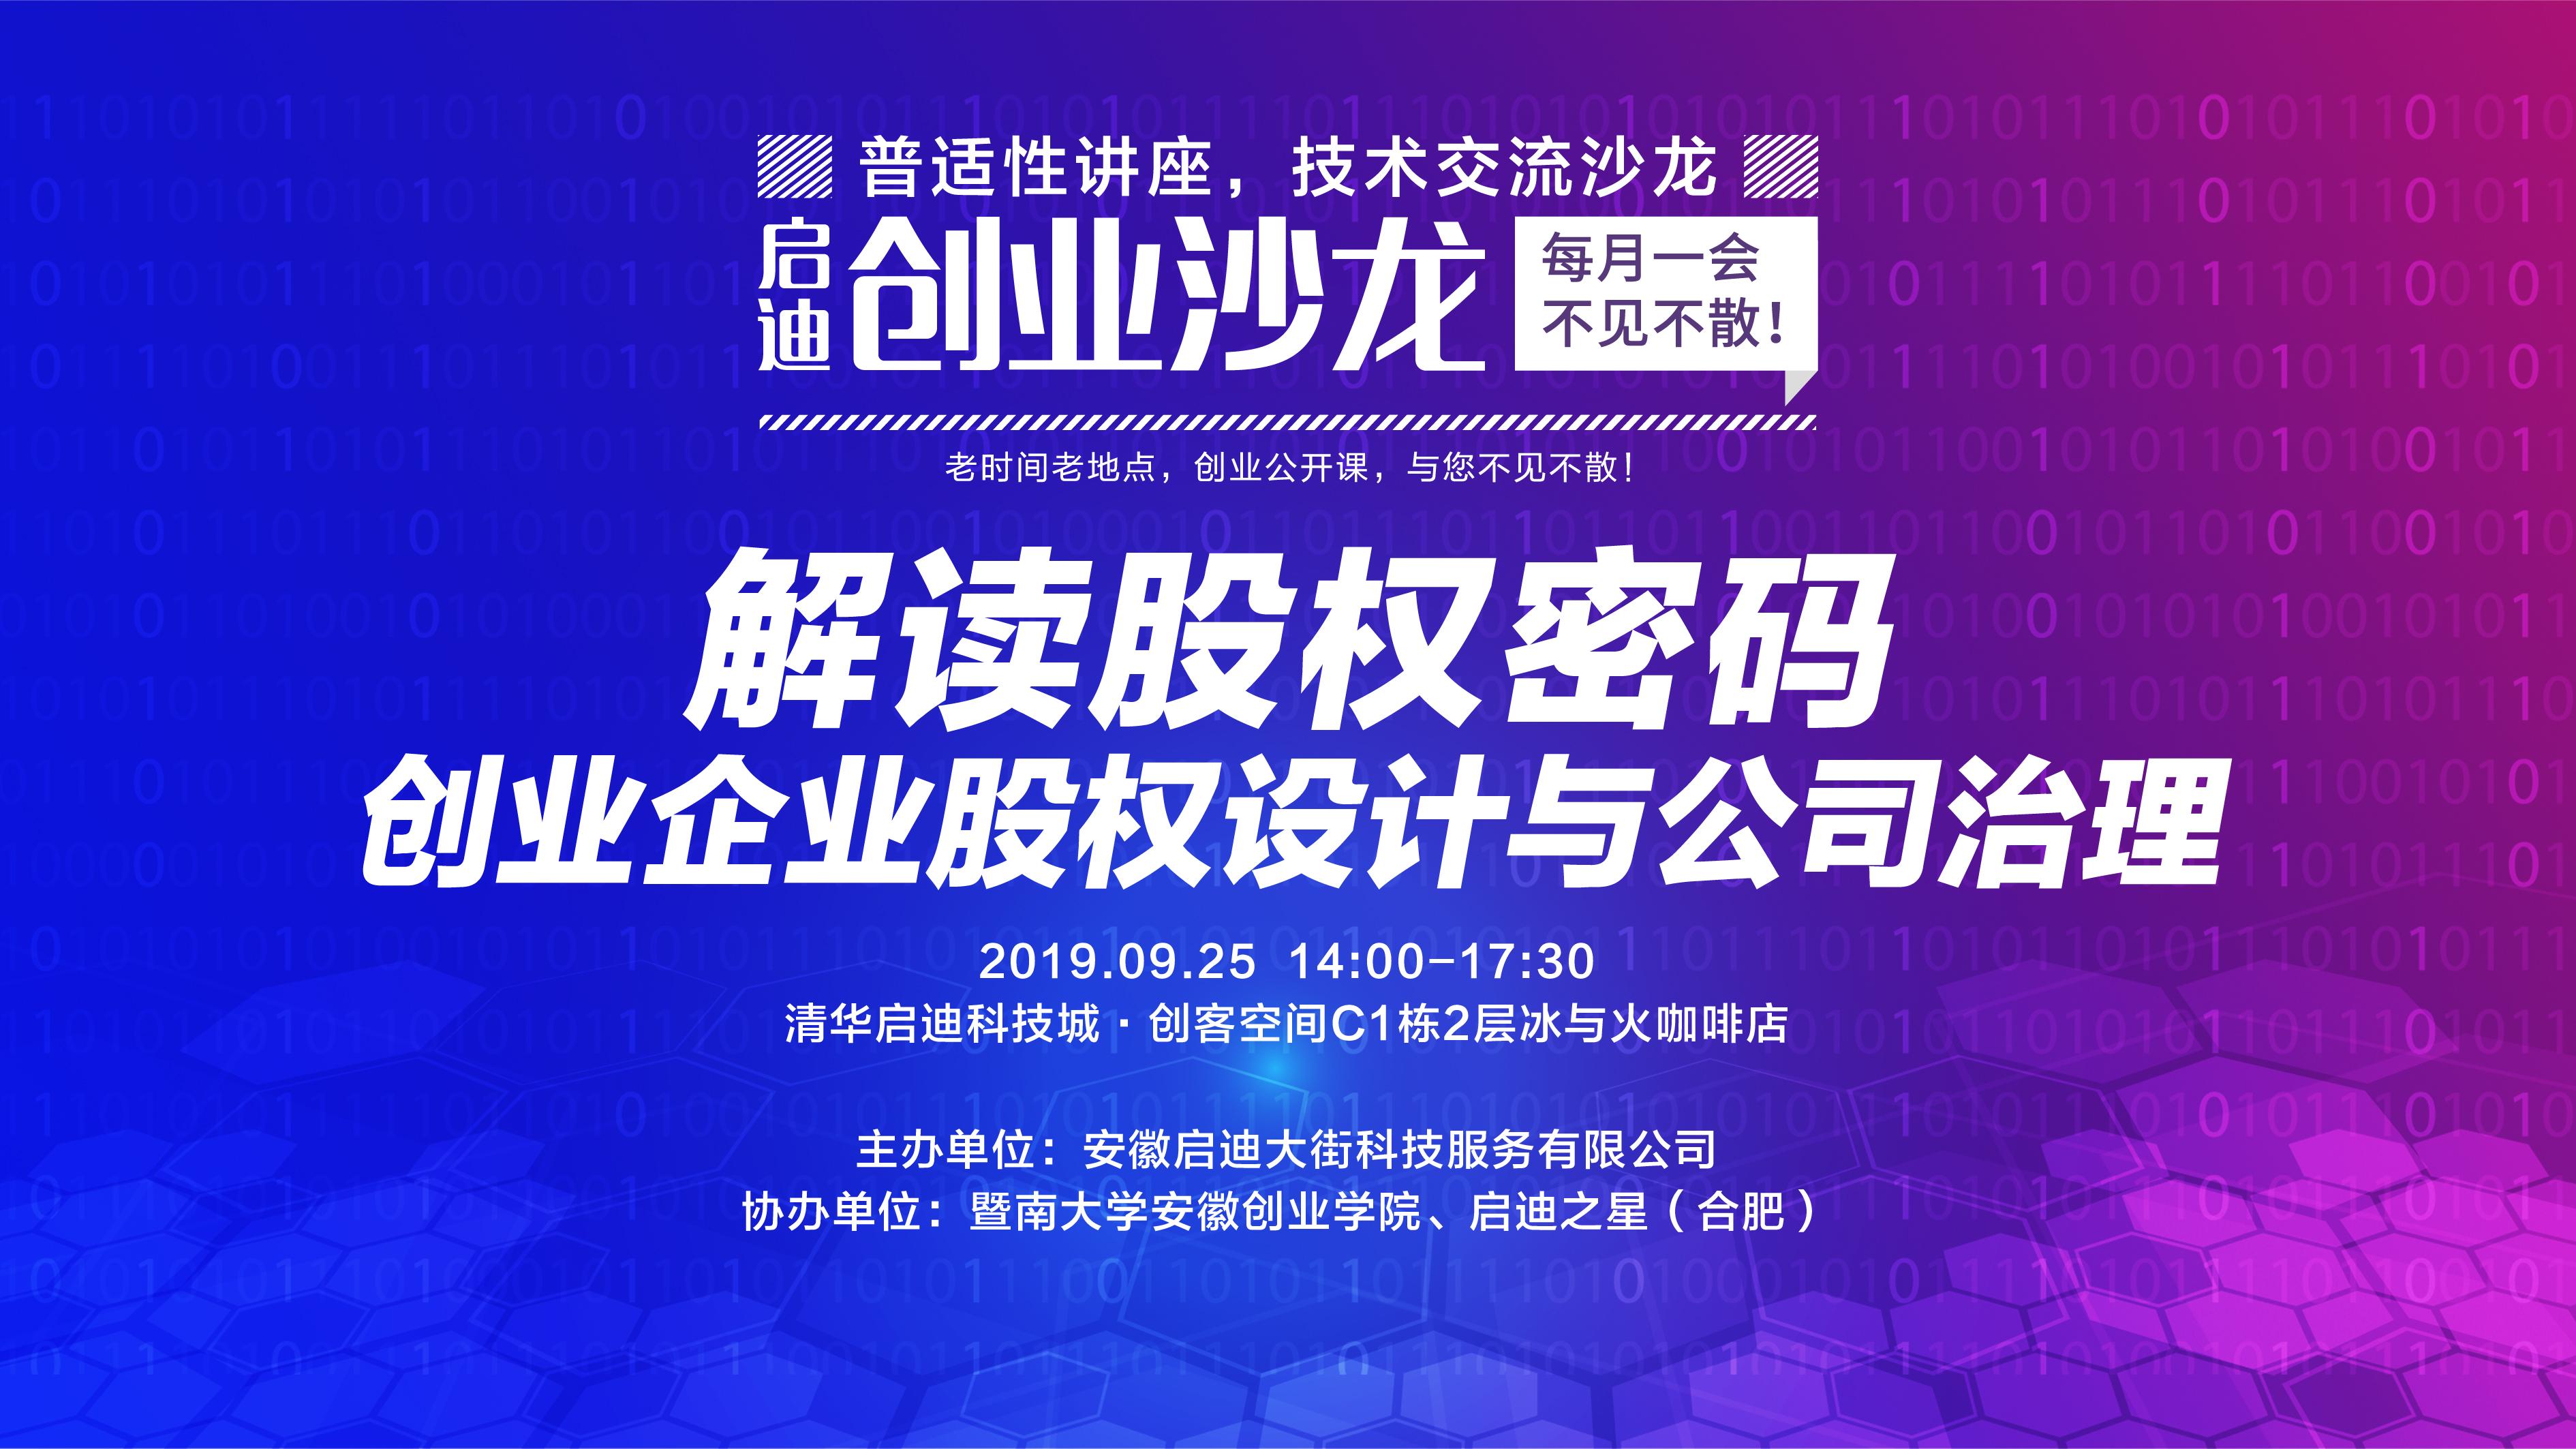 启迪创业沙龙:解读股权密码——创业企业股权设计与公司治理